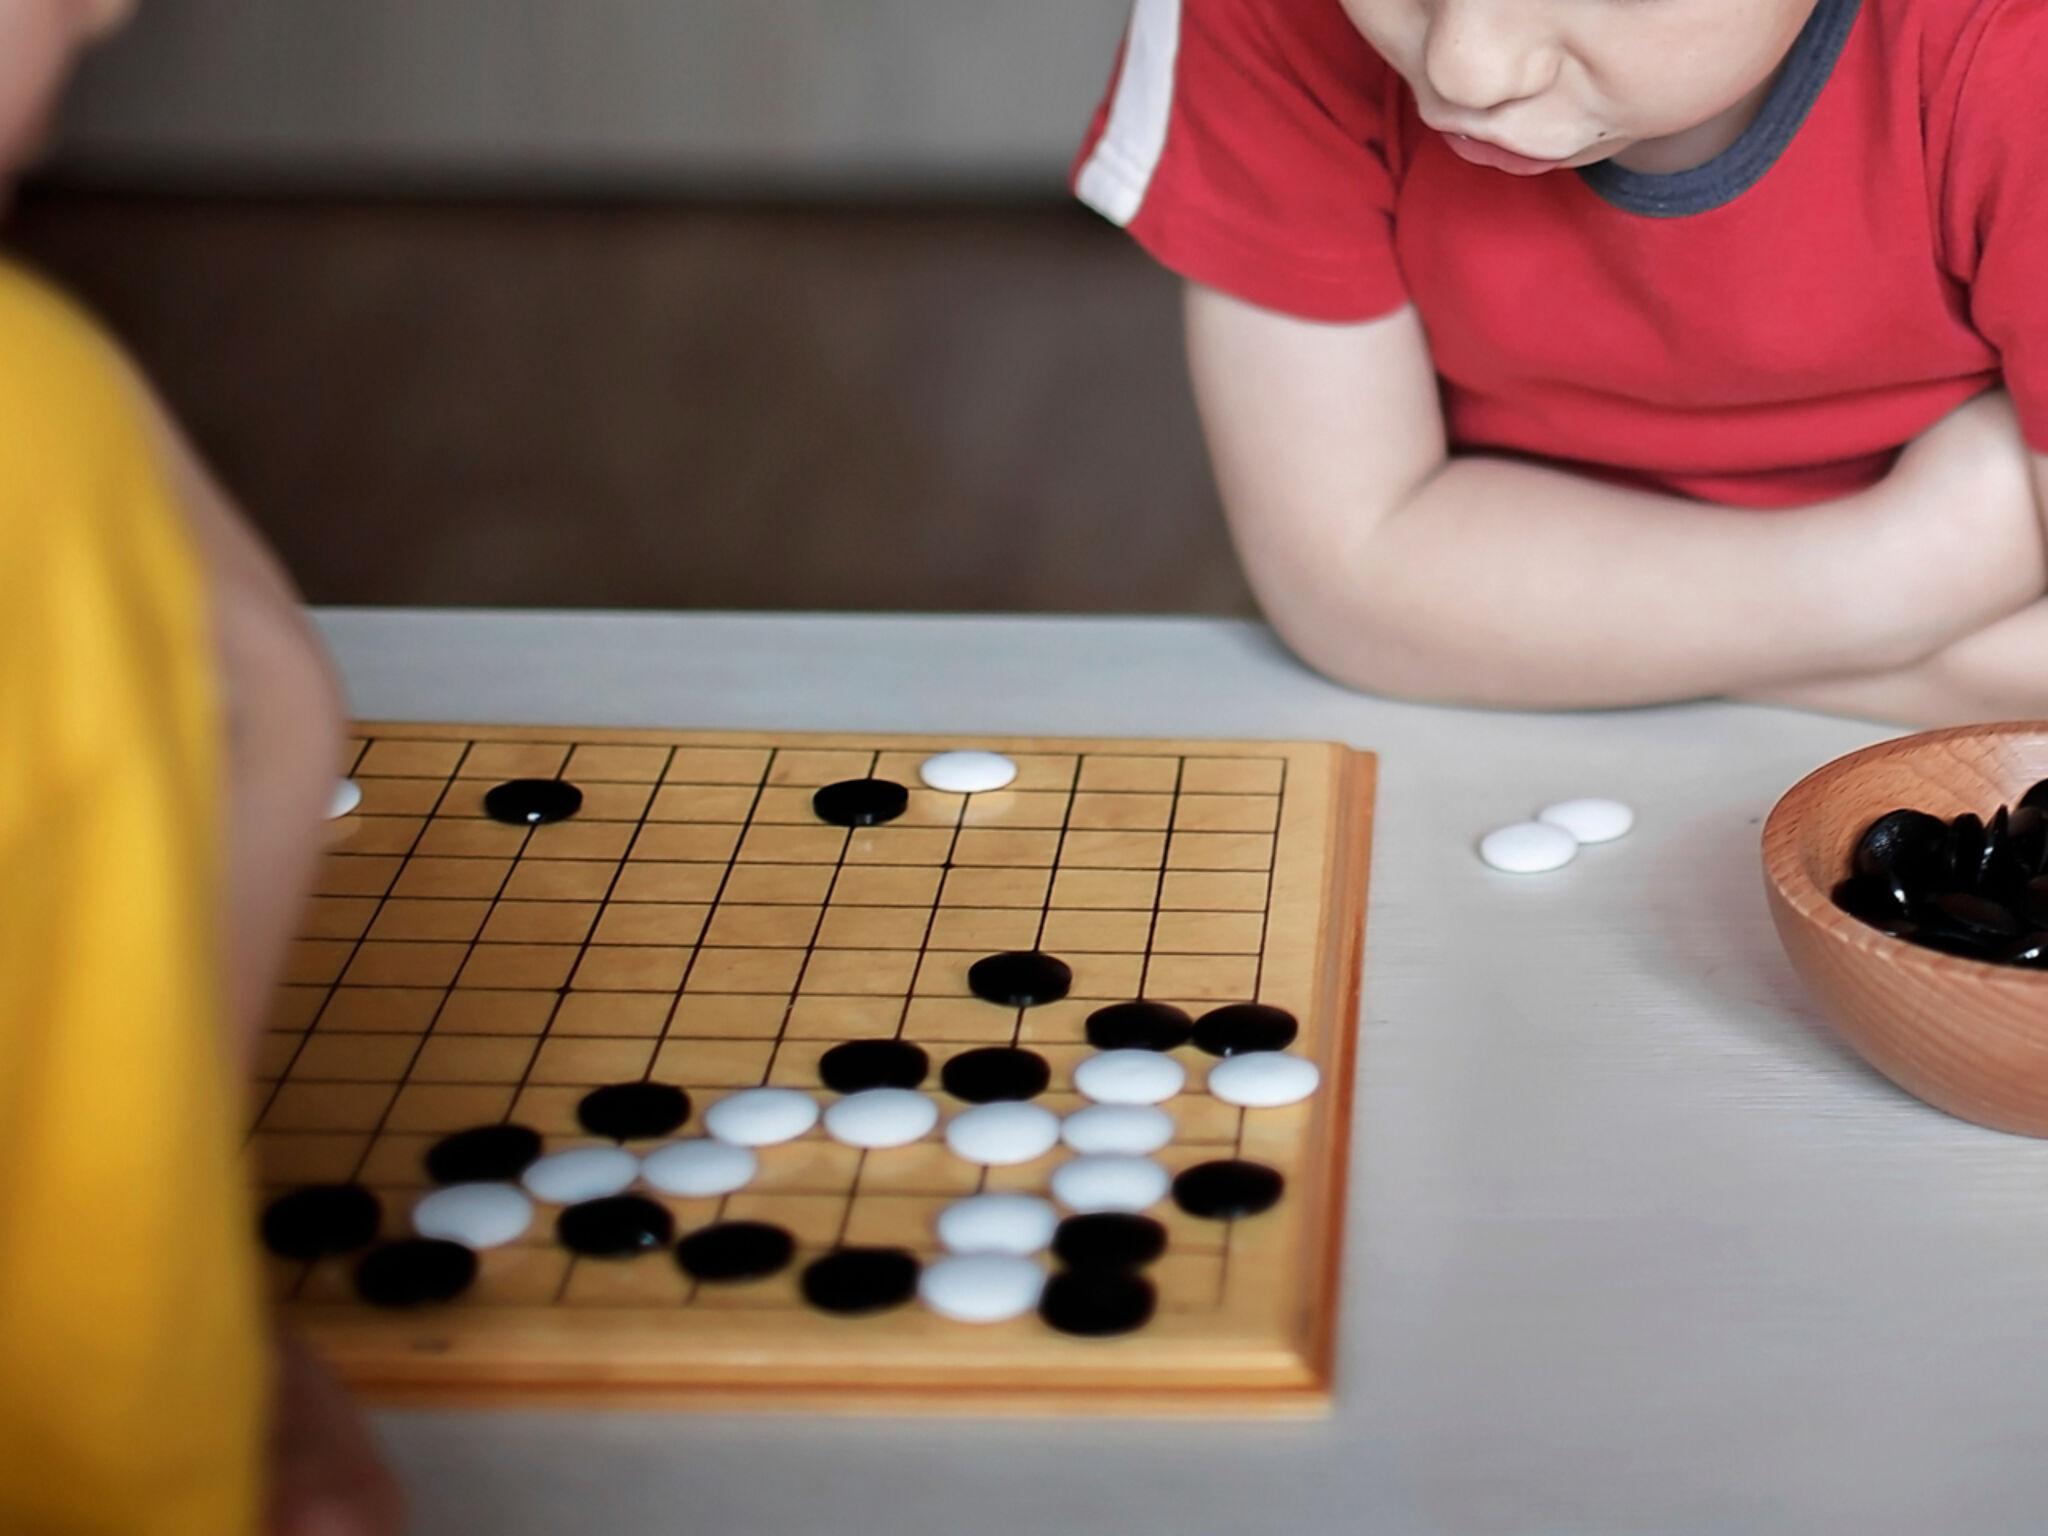 子ども同士で将棋をさしている画像